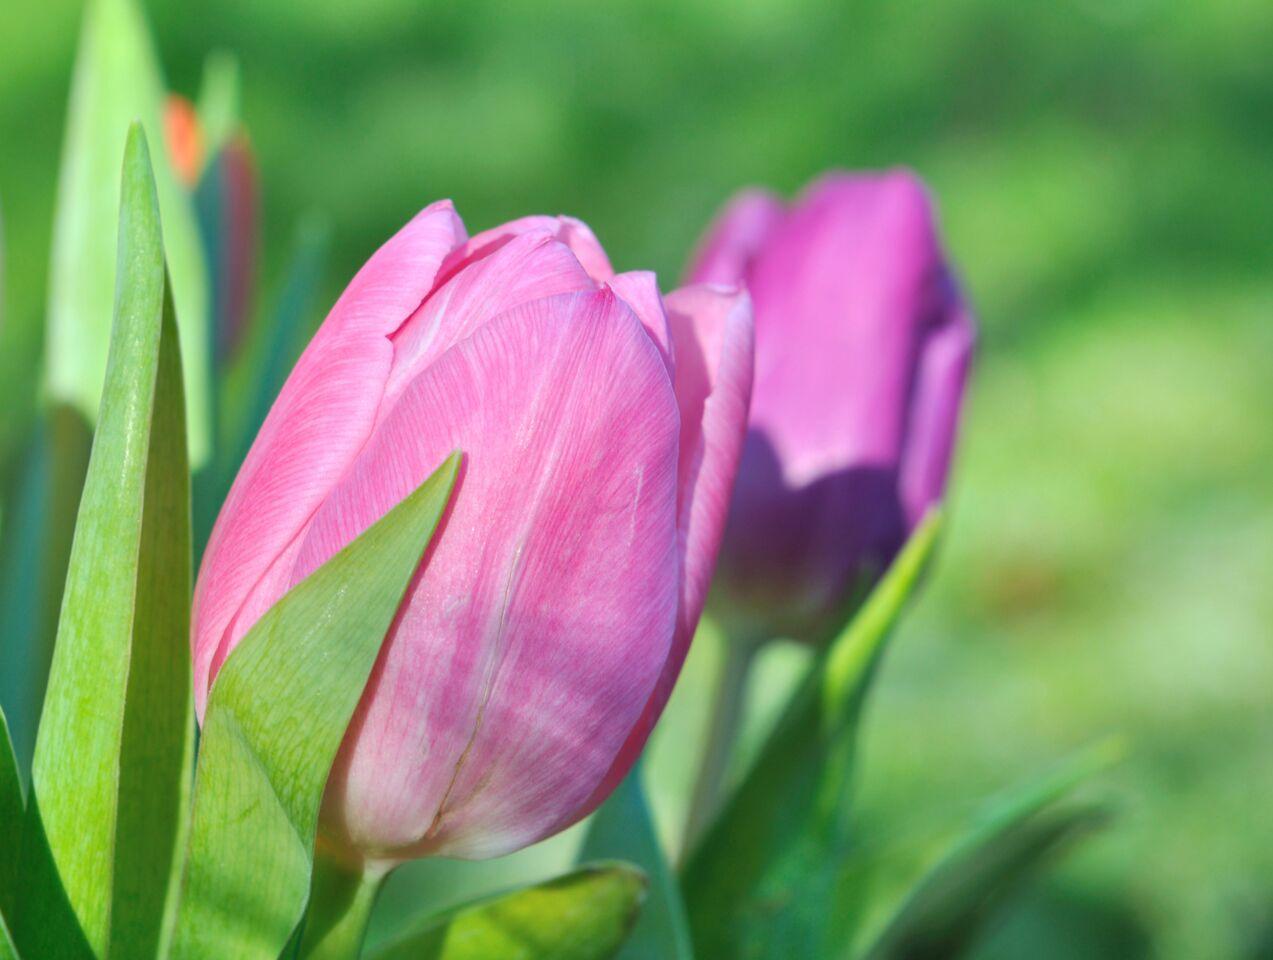 Pink Tulips in Garden.